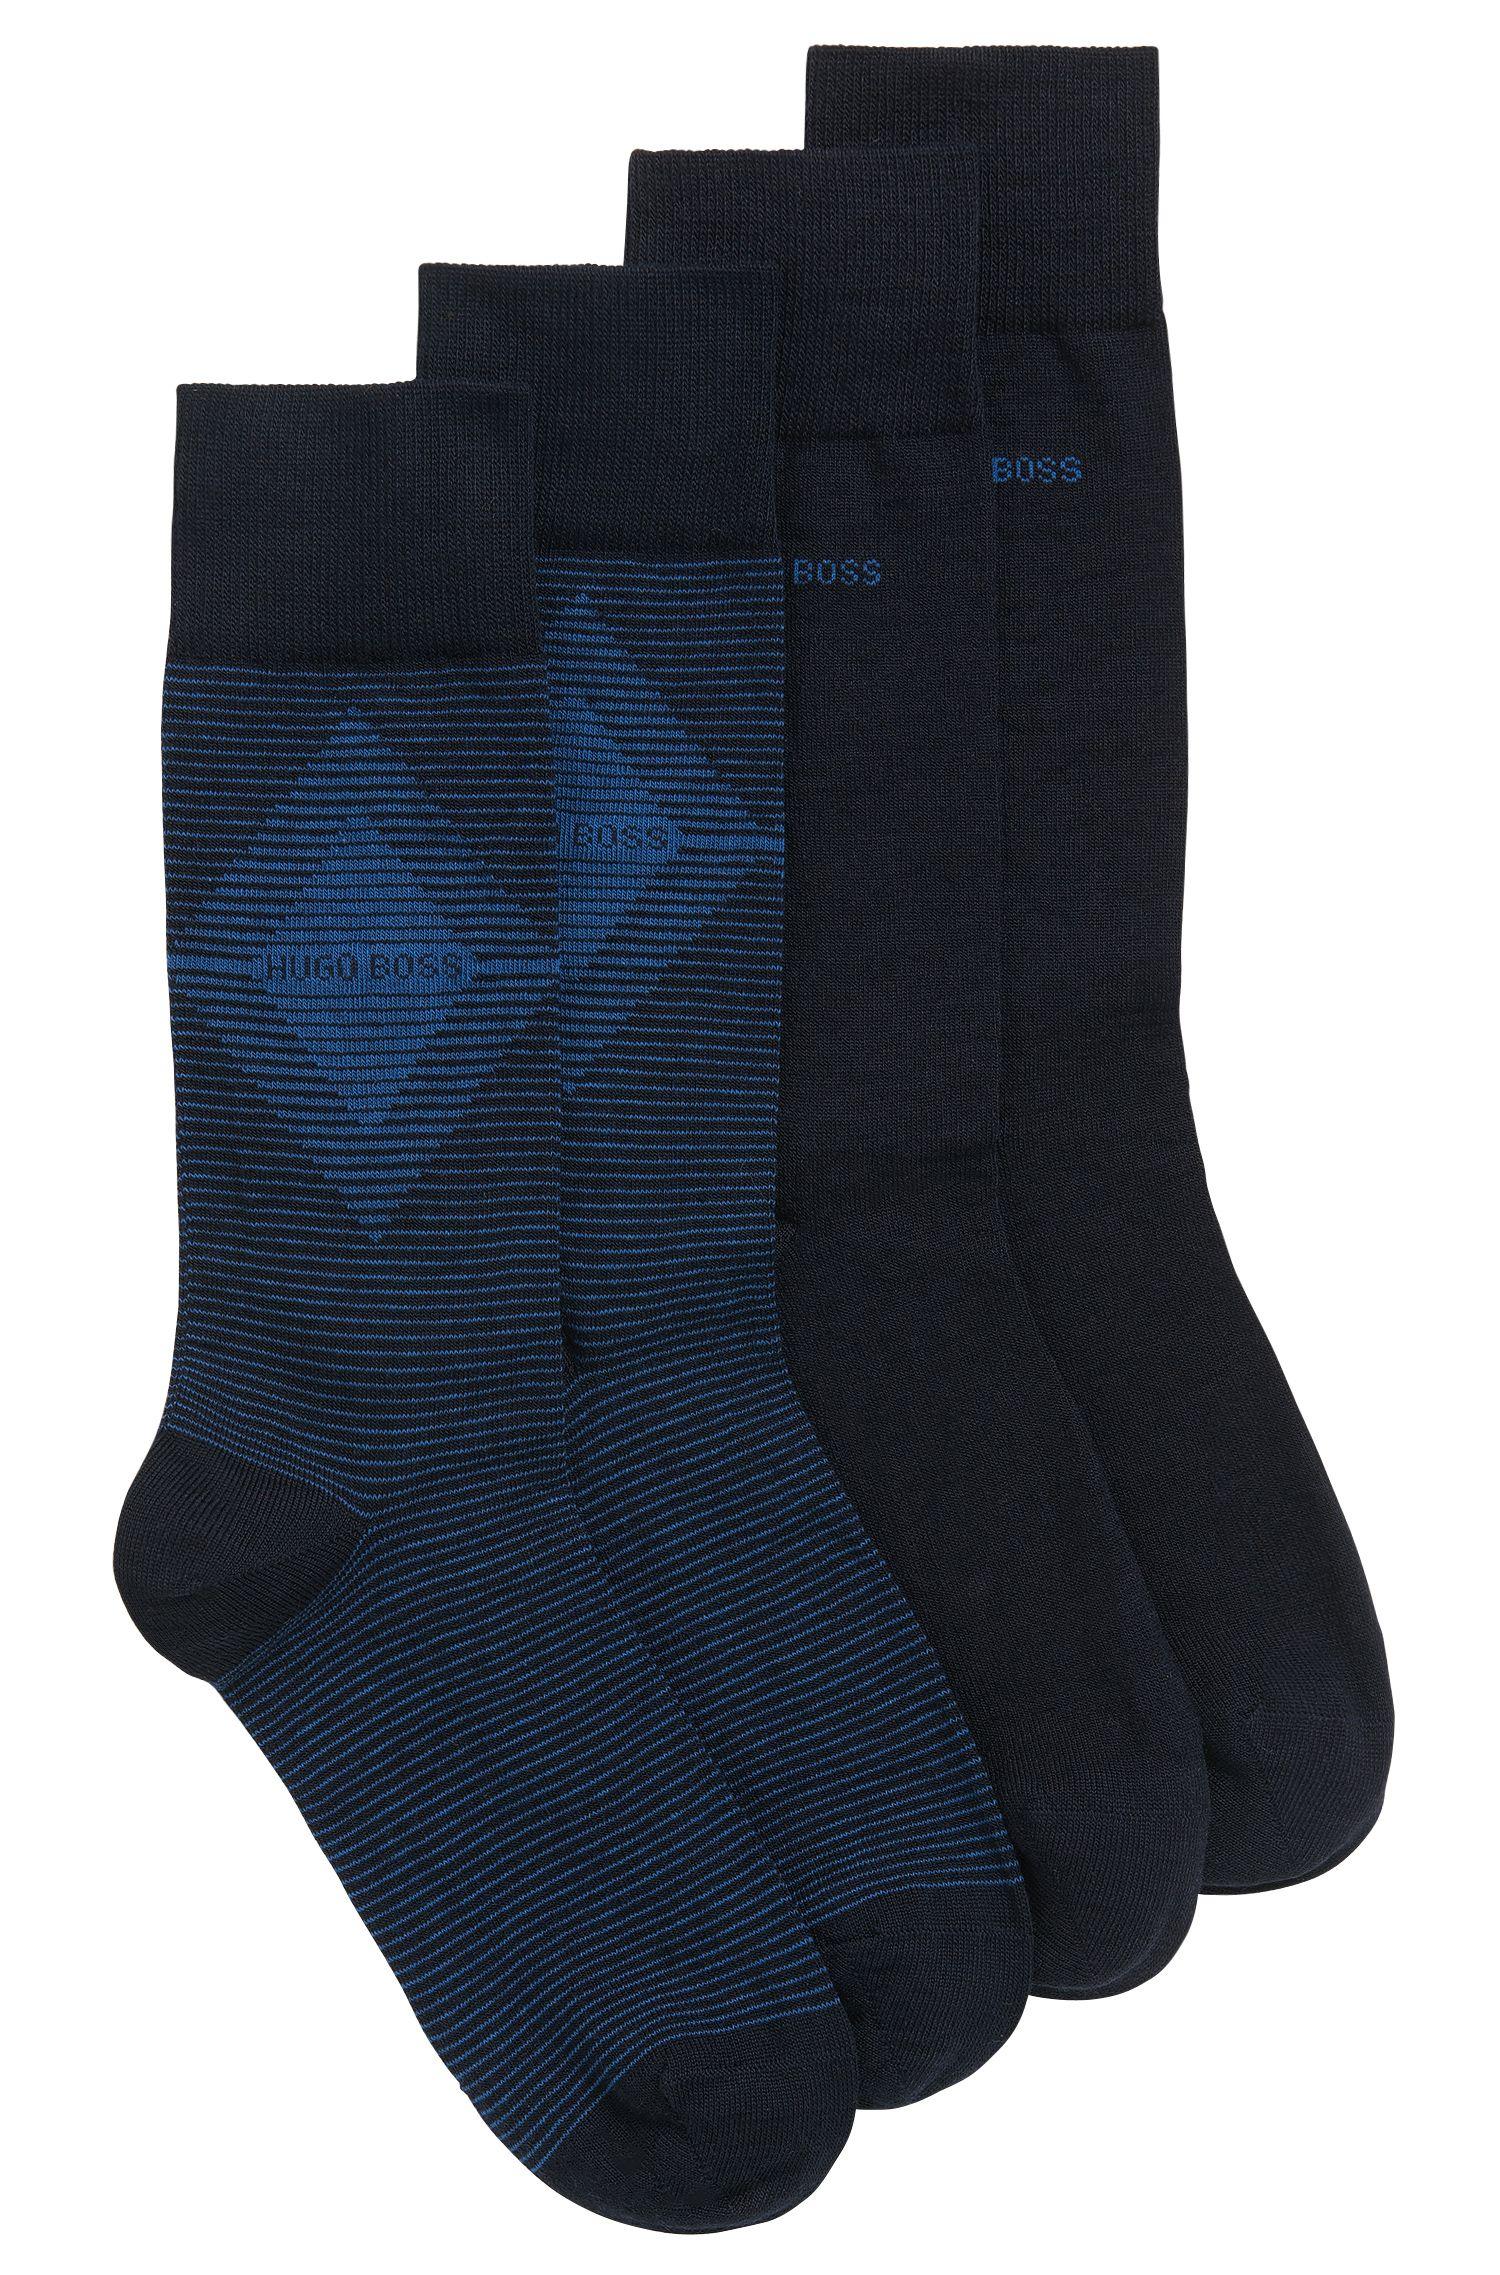 Set van twee paar sokken met normale lengte van een gekamde materiaalmix